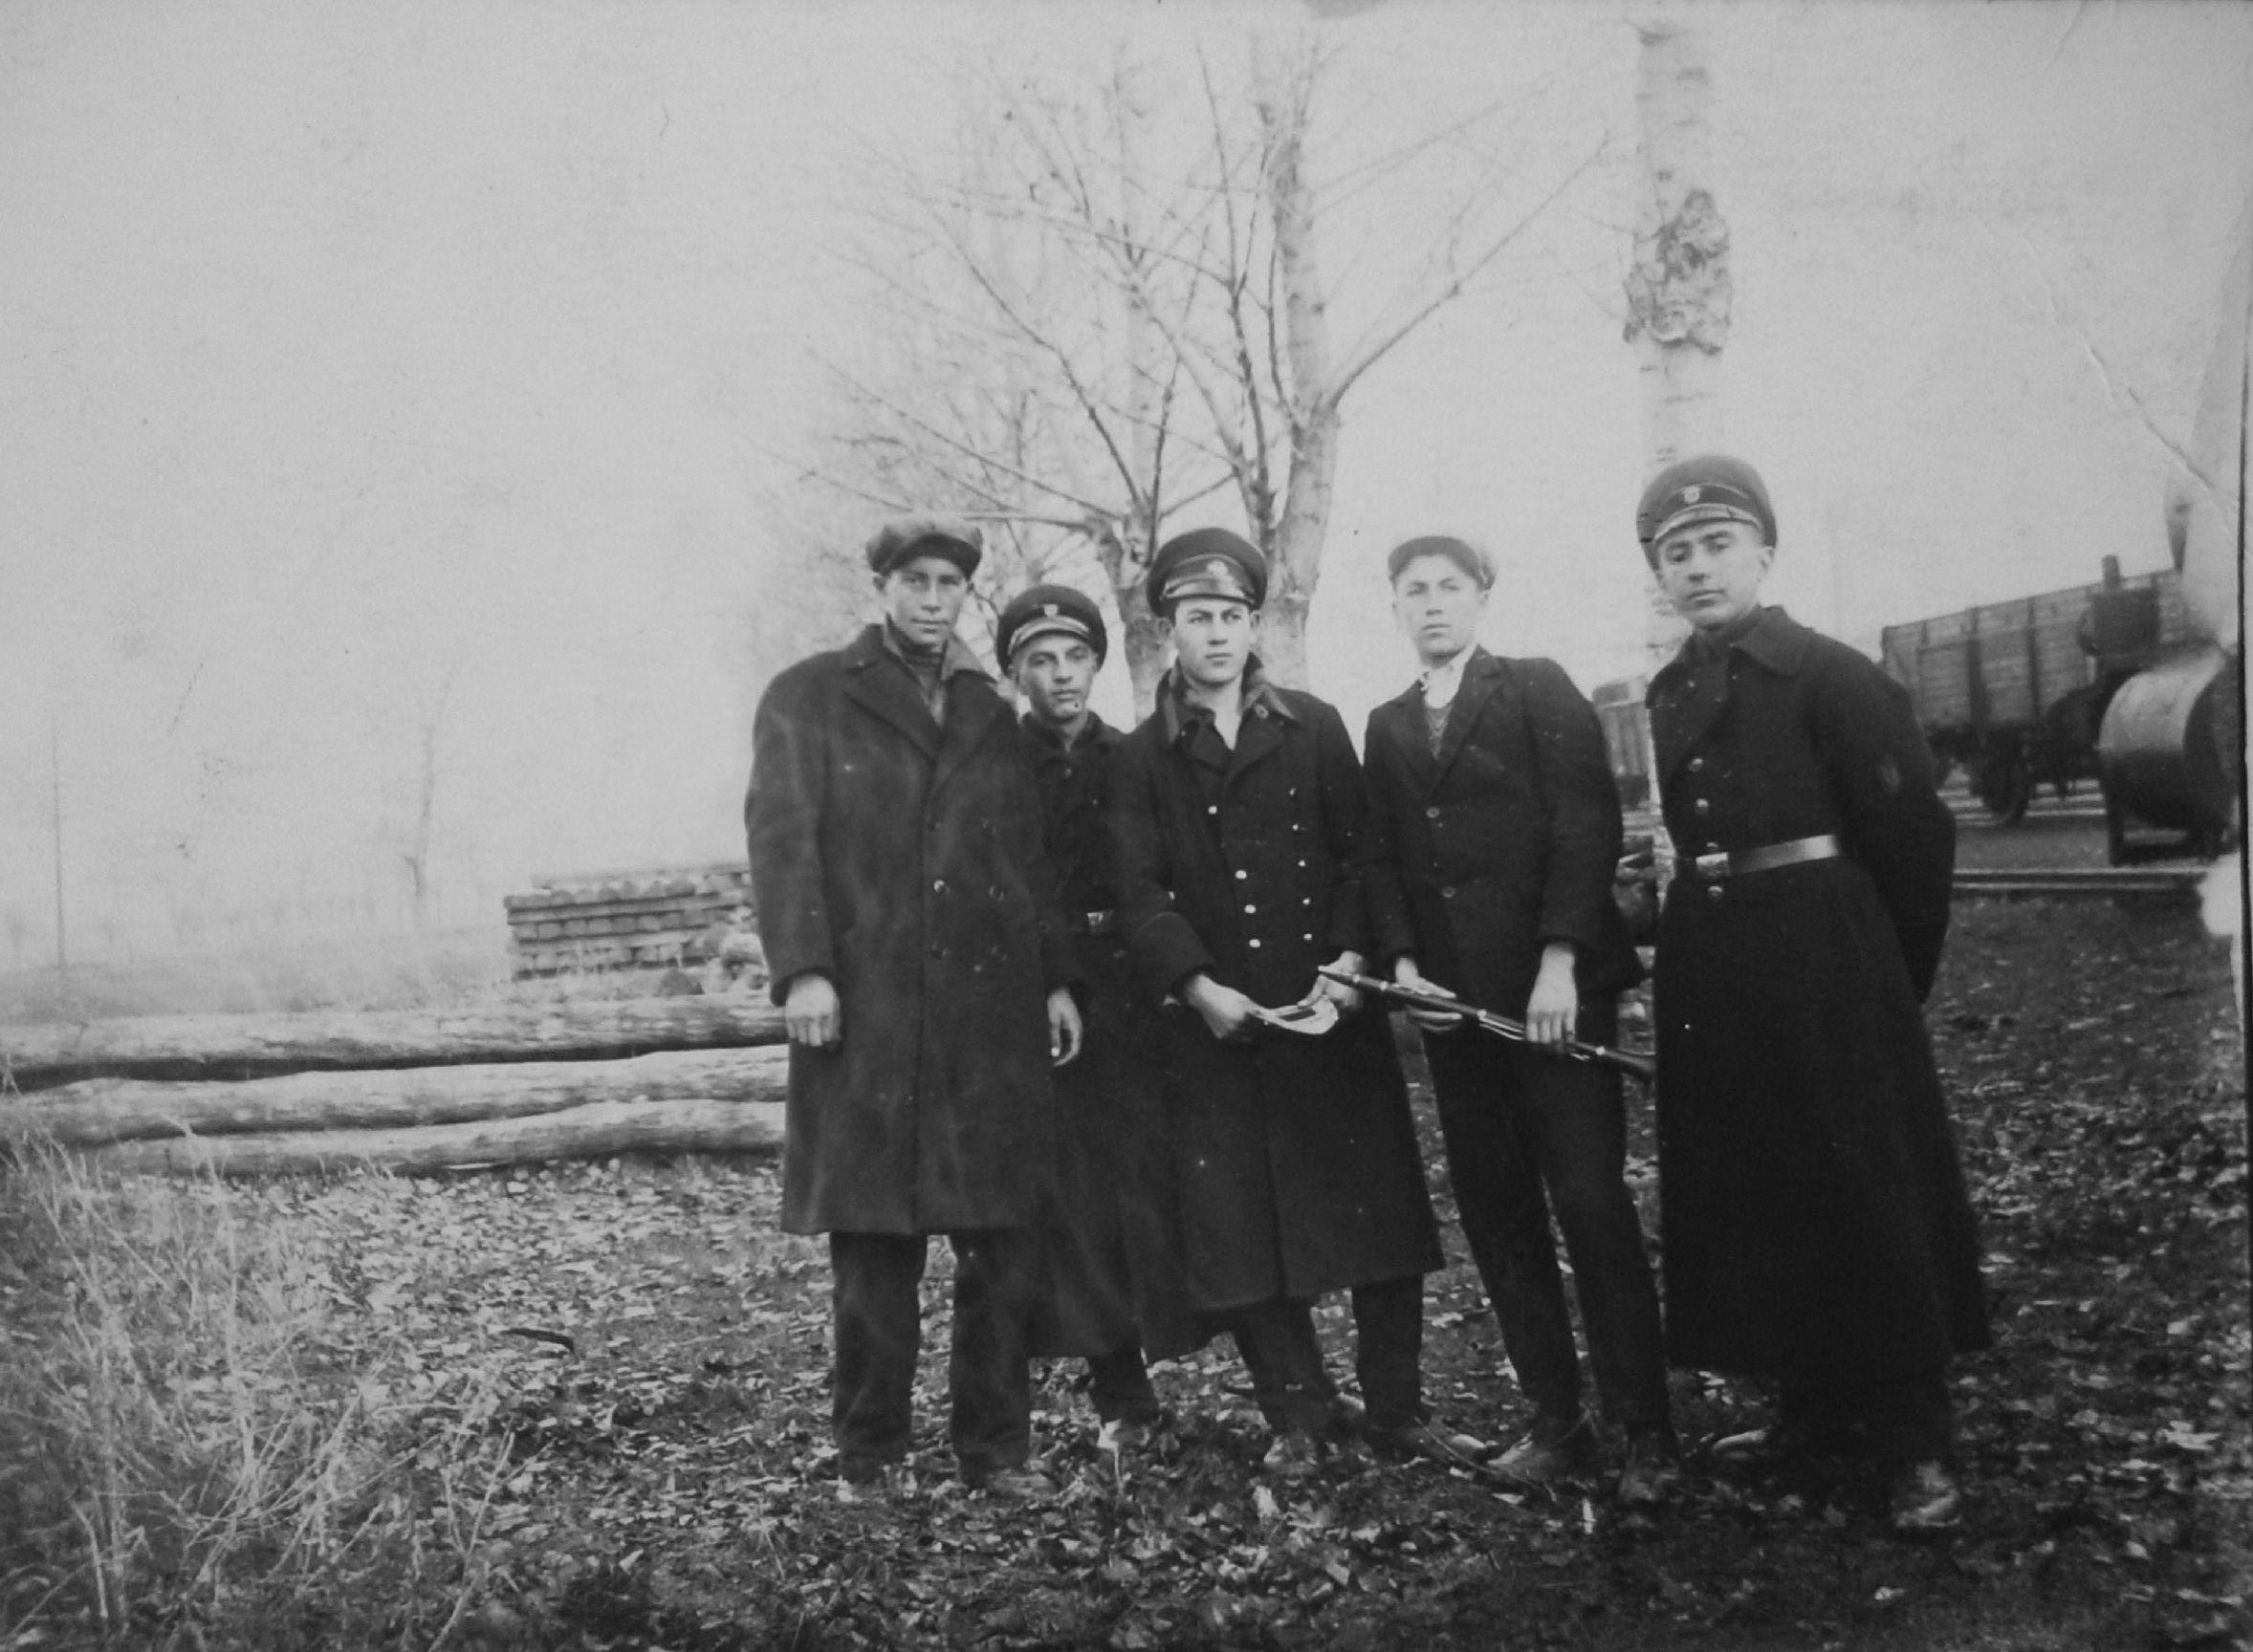 Снимка на Димитър Василев Стоянов (в средата) със съученици от Държавното железопътно училище, София, 1926 г.